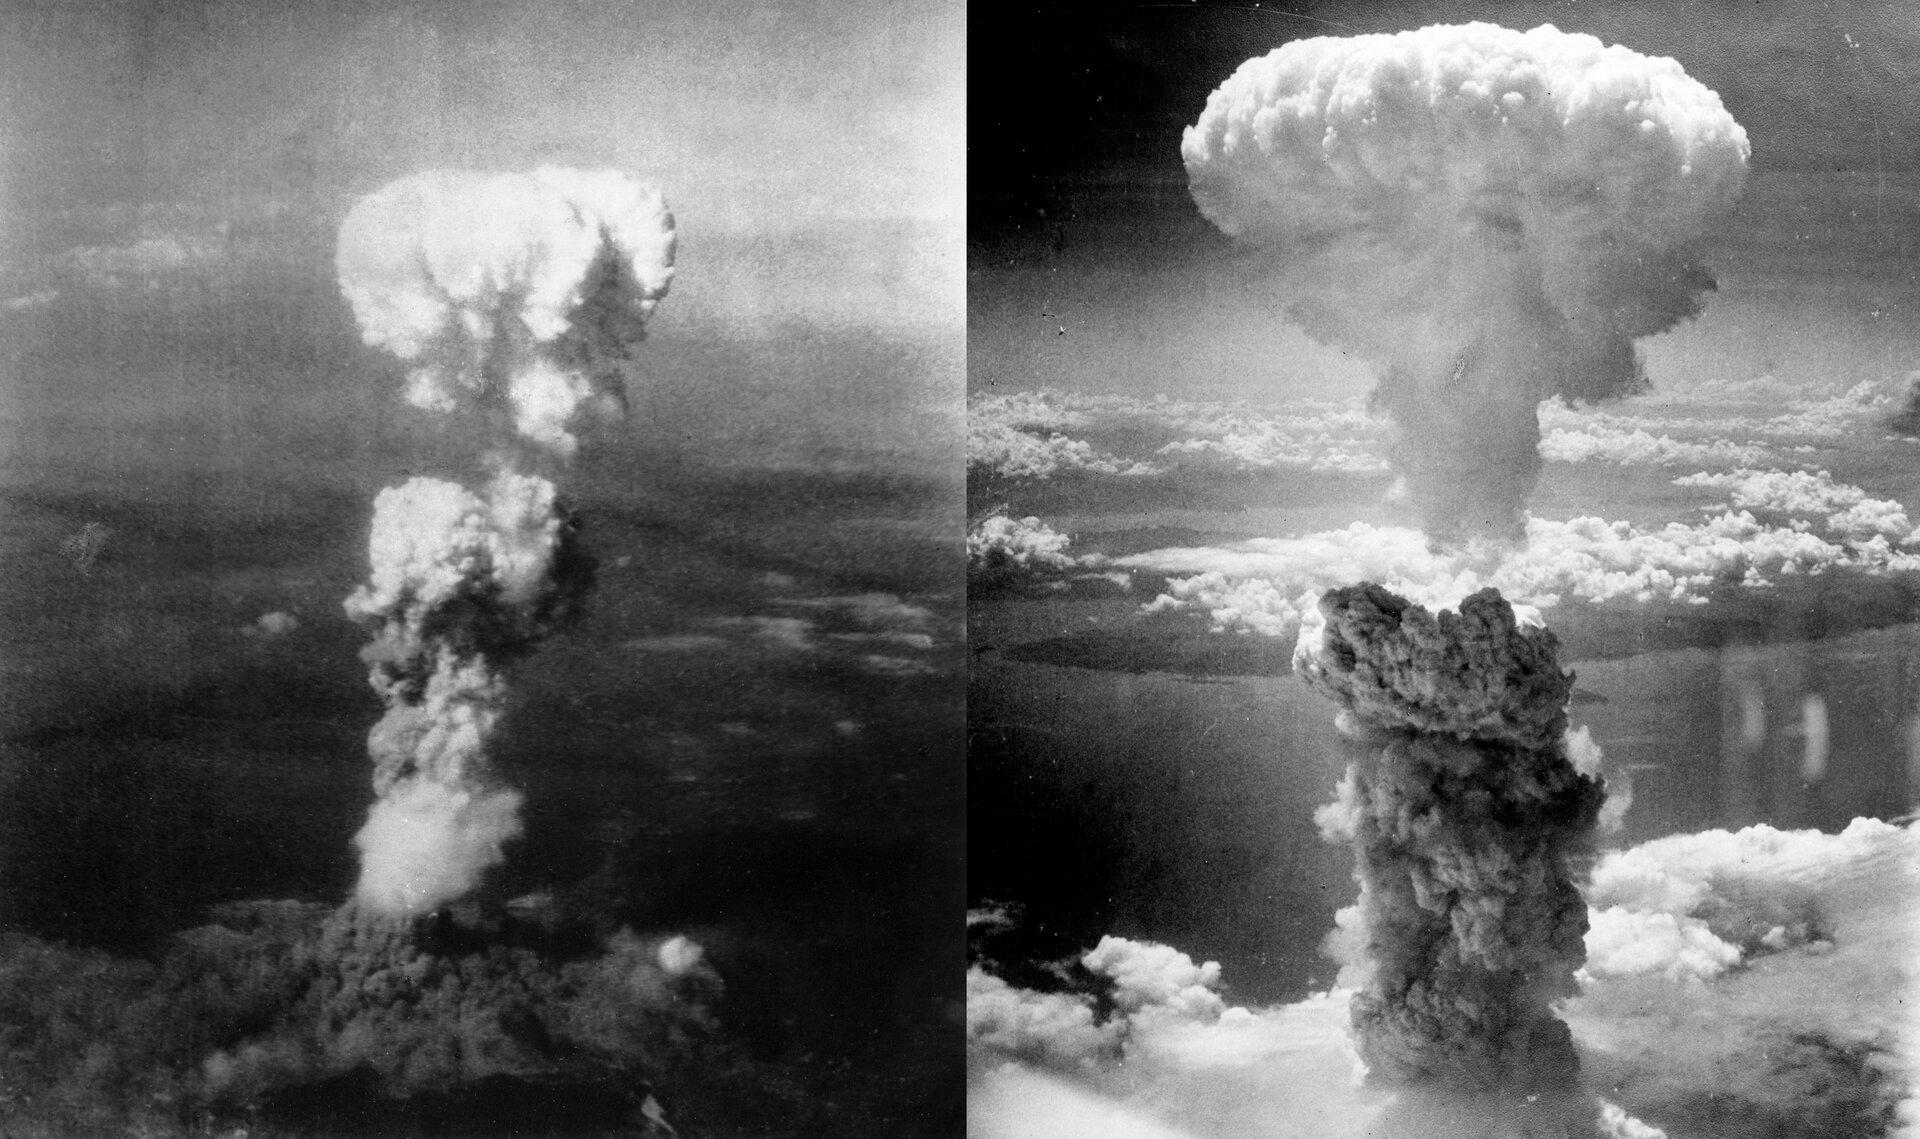 Bombardowanie Nagasaki iHiroszimy Zdjęcie nr 1 Źródło: Binksternet, Bombardowanie Nagasaki iHiroszimy, licencja: CC BY-SA 3.0.